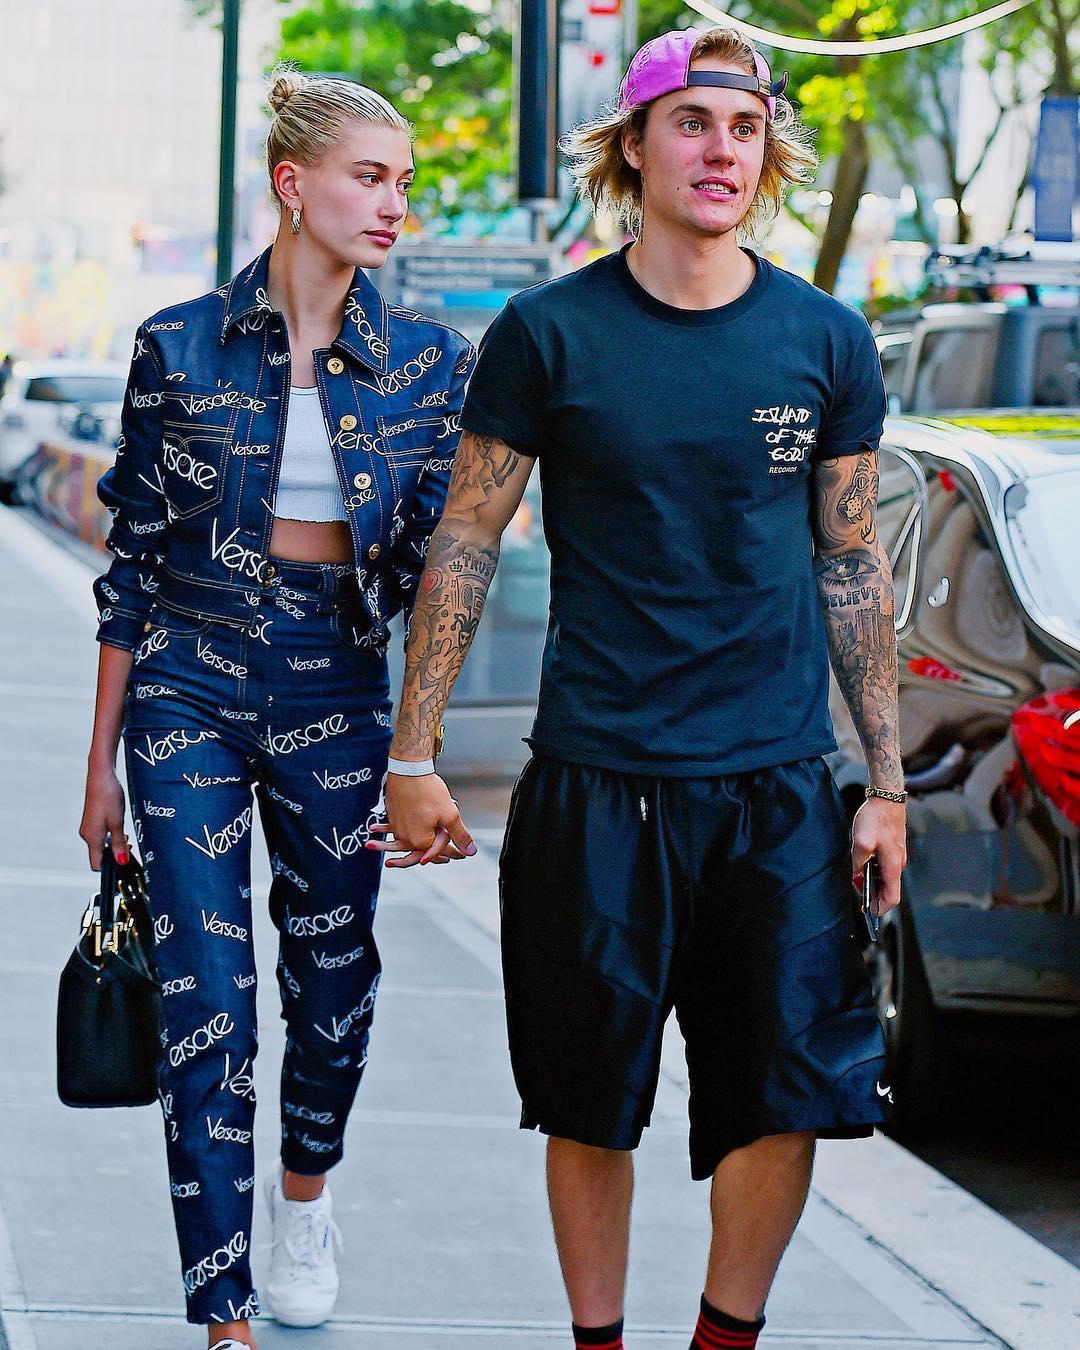 REPORTE: Justin Bieber y Hailey Baldwin están comprometidos